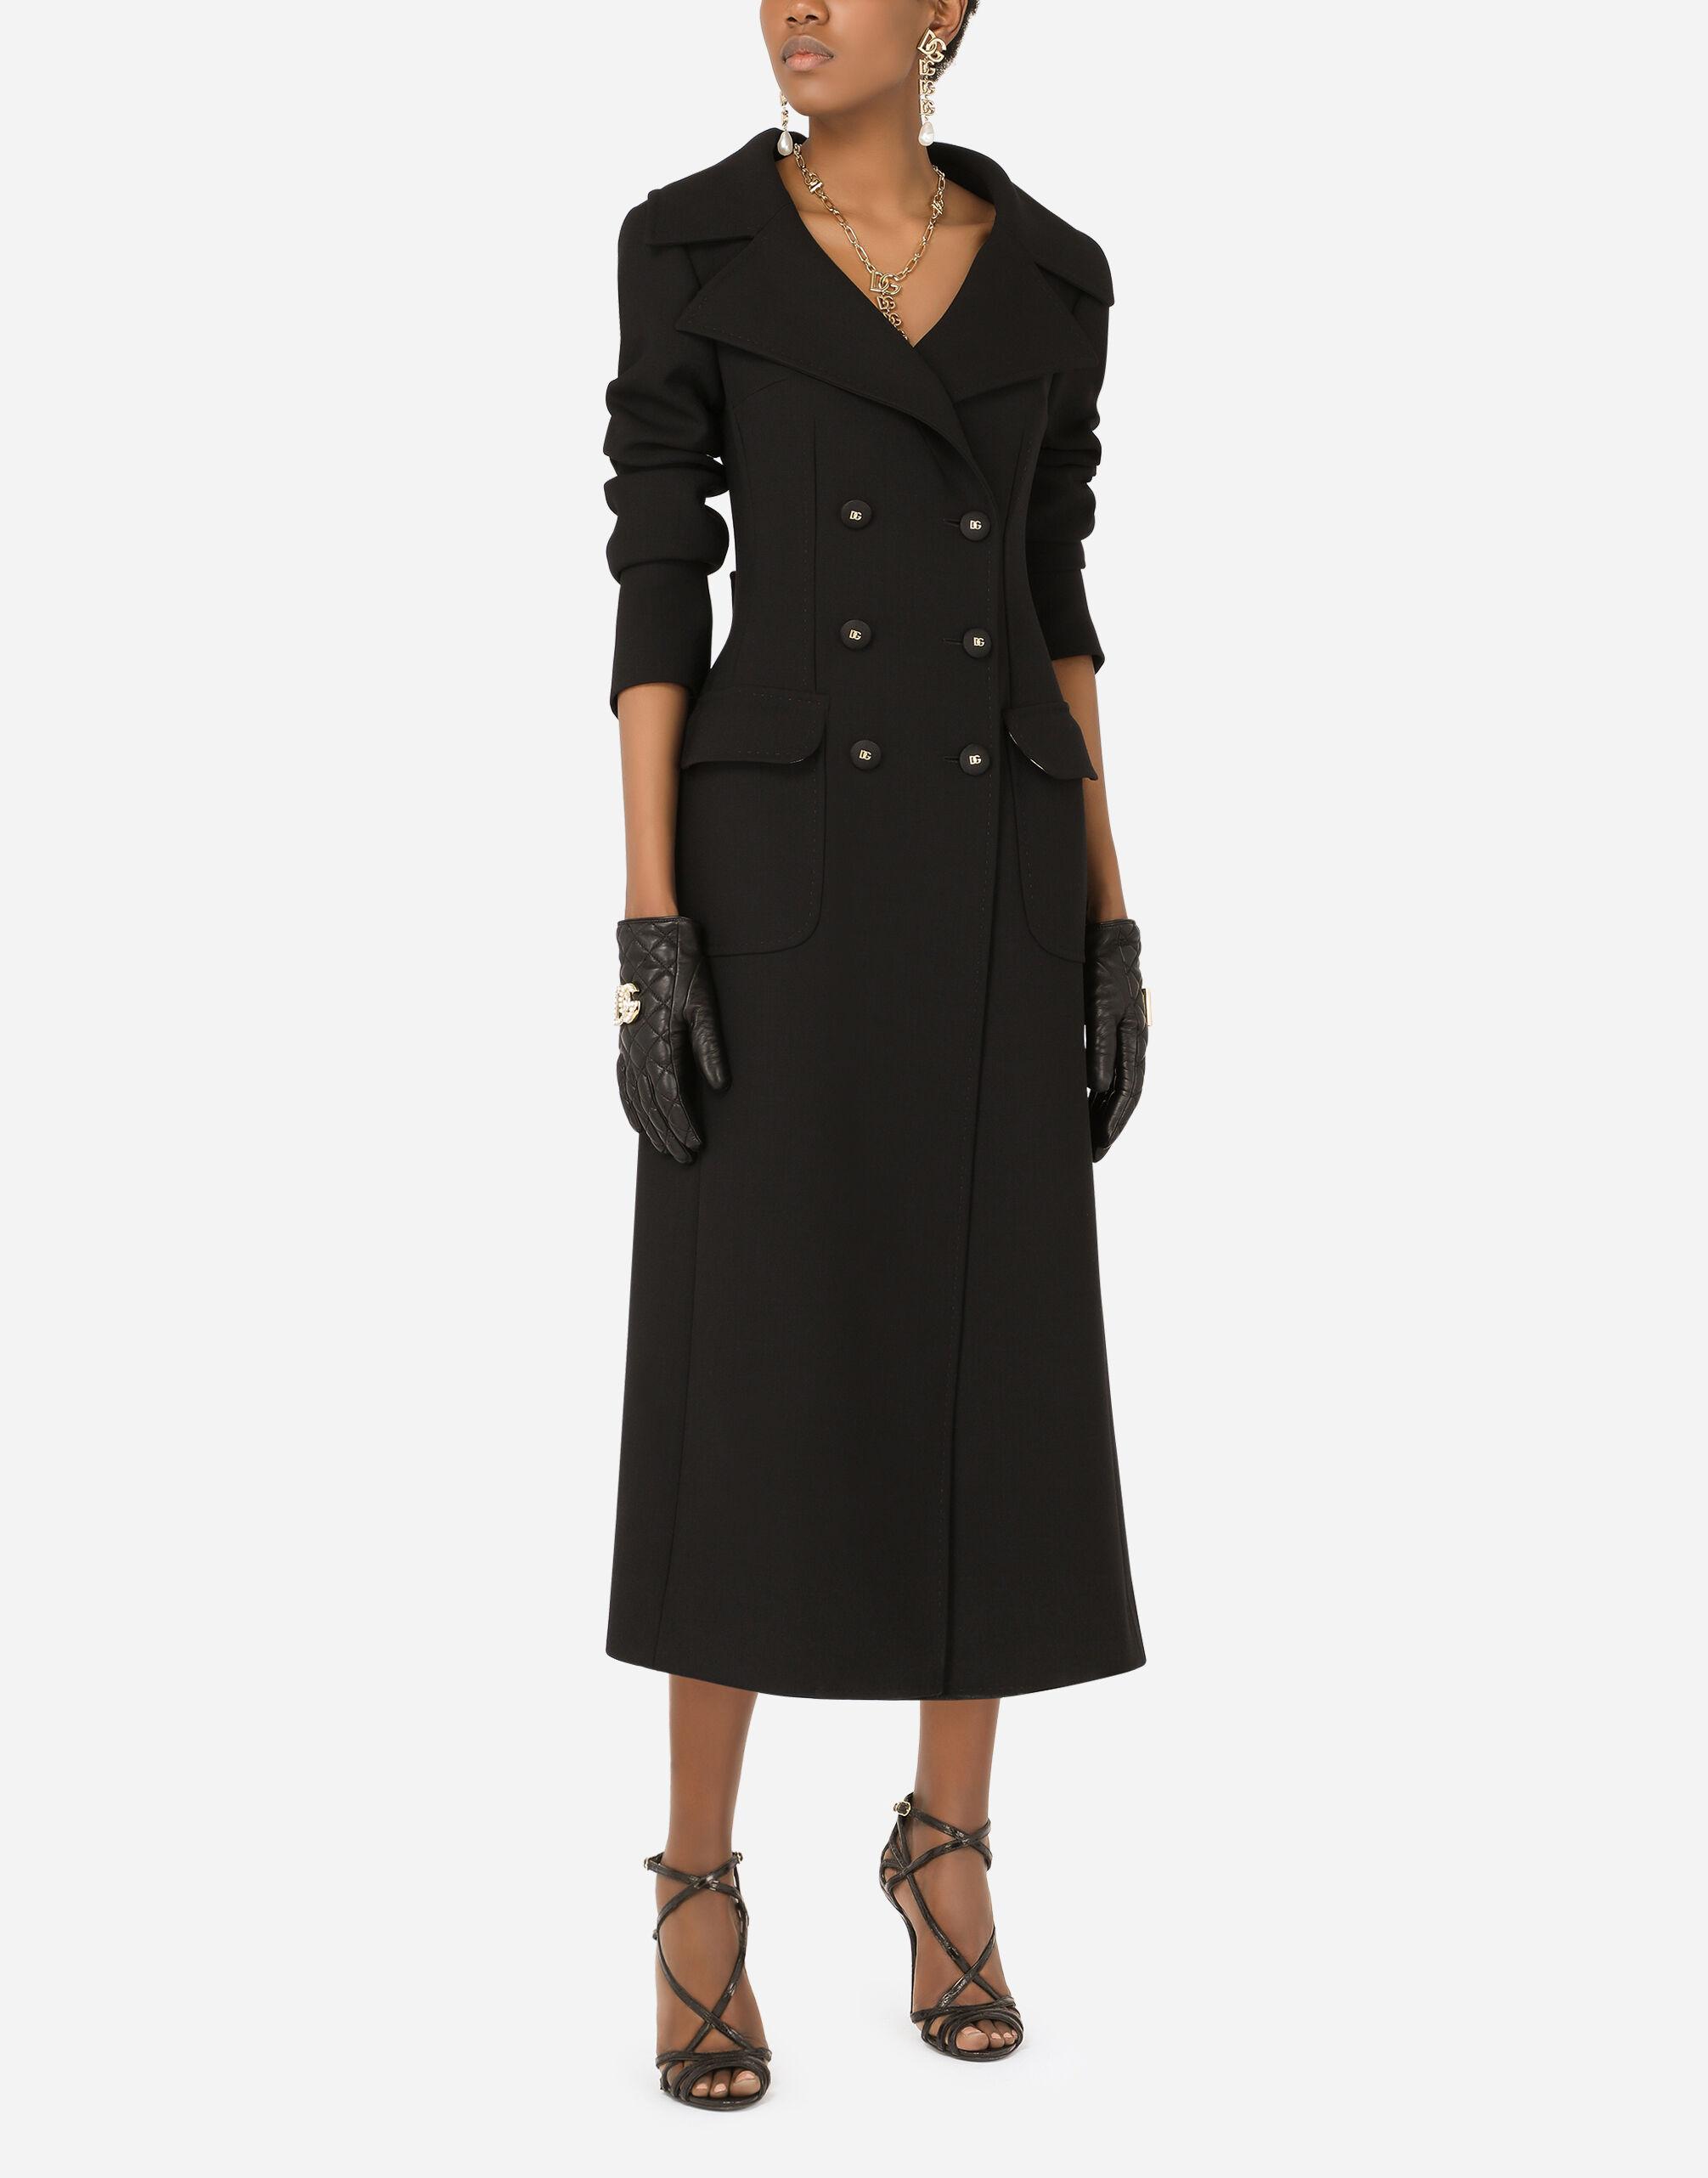 Cappotto doppiopetto in lana con bottoni DG